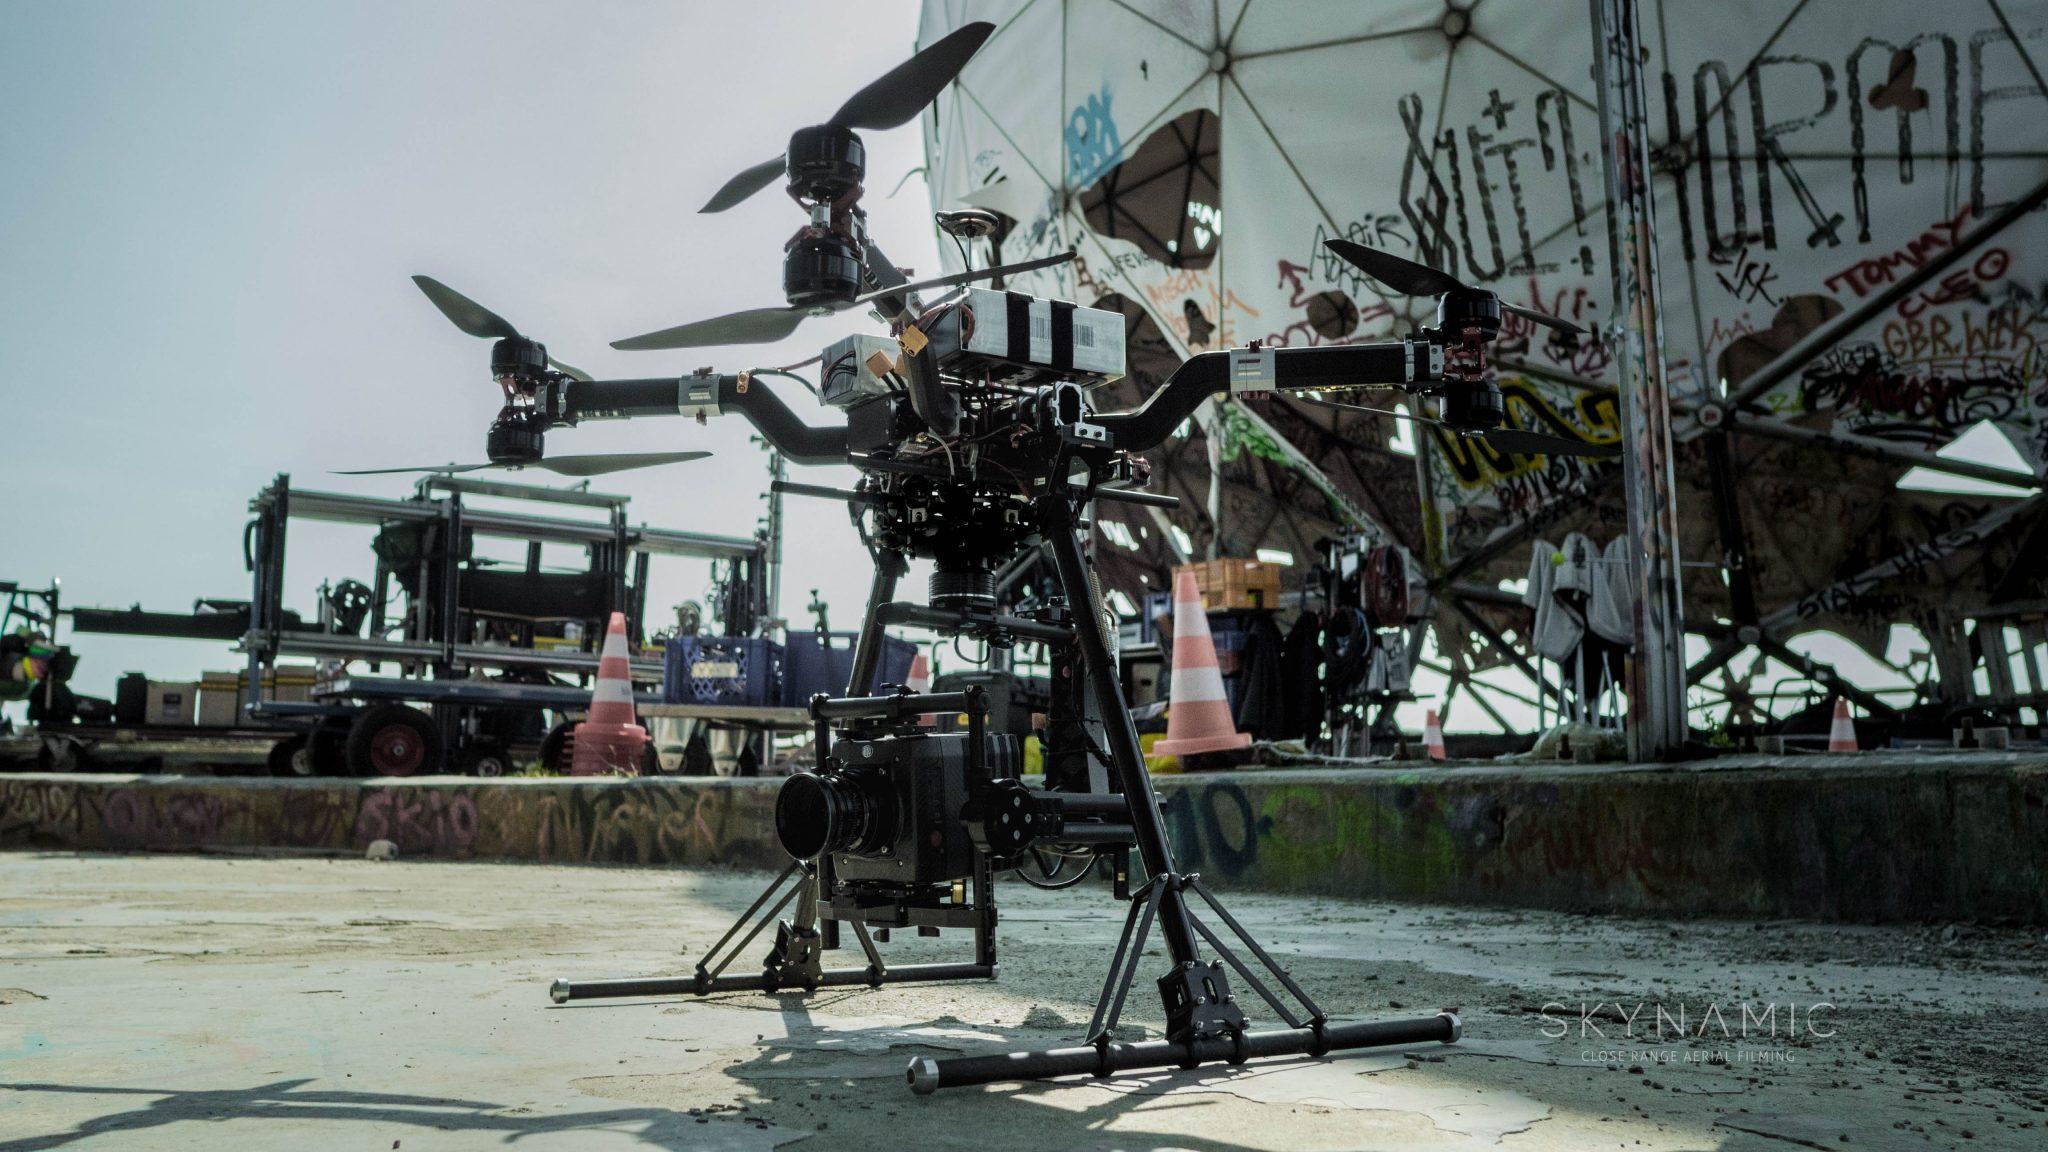 Alexa Copter Drone